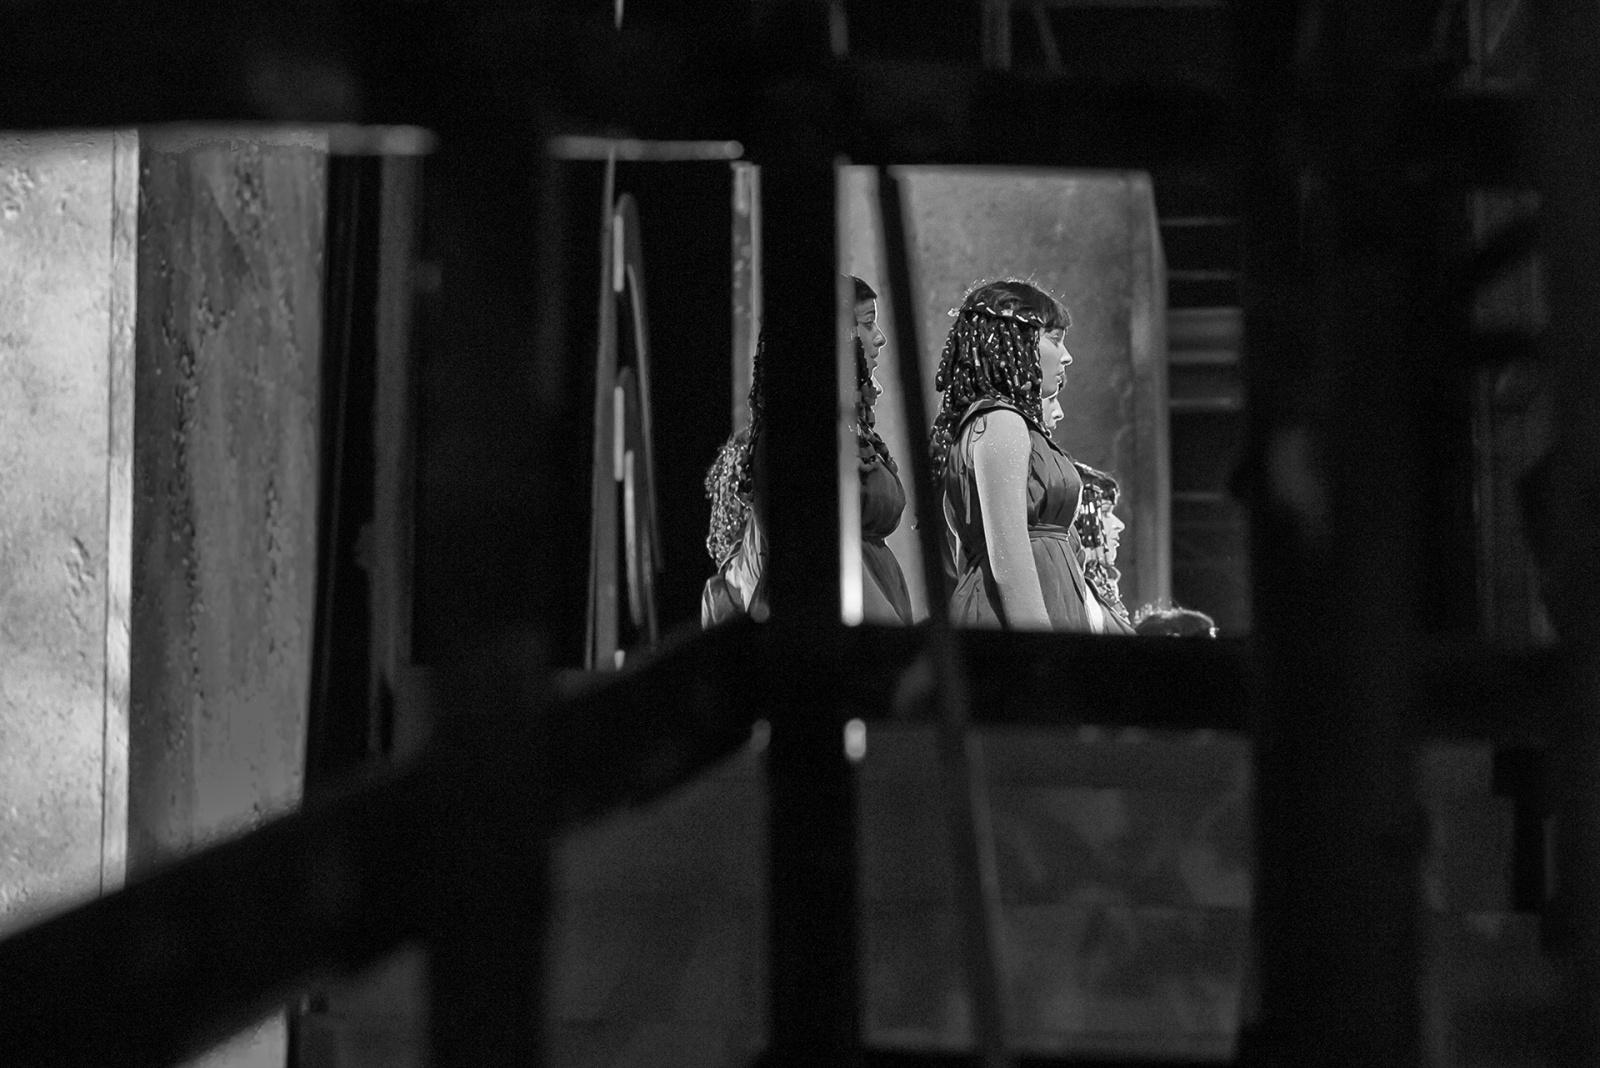 Le coriste dell'Ente Luglio Musicale Trapanese che, sul palco, ricoprono il ruolo delle Sacerdotesse, fotografate dal retropalco. Teatro di Tradizione G. Di Stefano, Trapani, luglio 2017. © Pietro Giliberti - Antonella Messina - Francesca Maria Tobia.